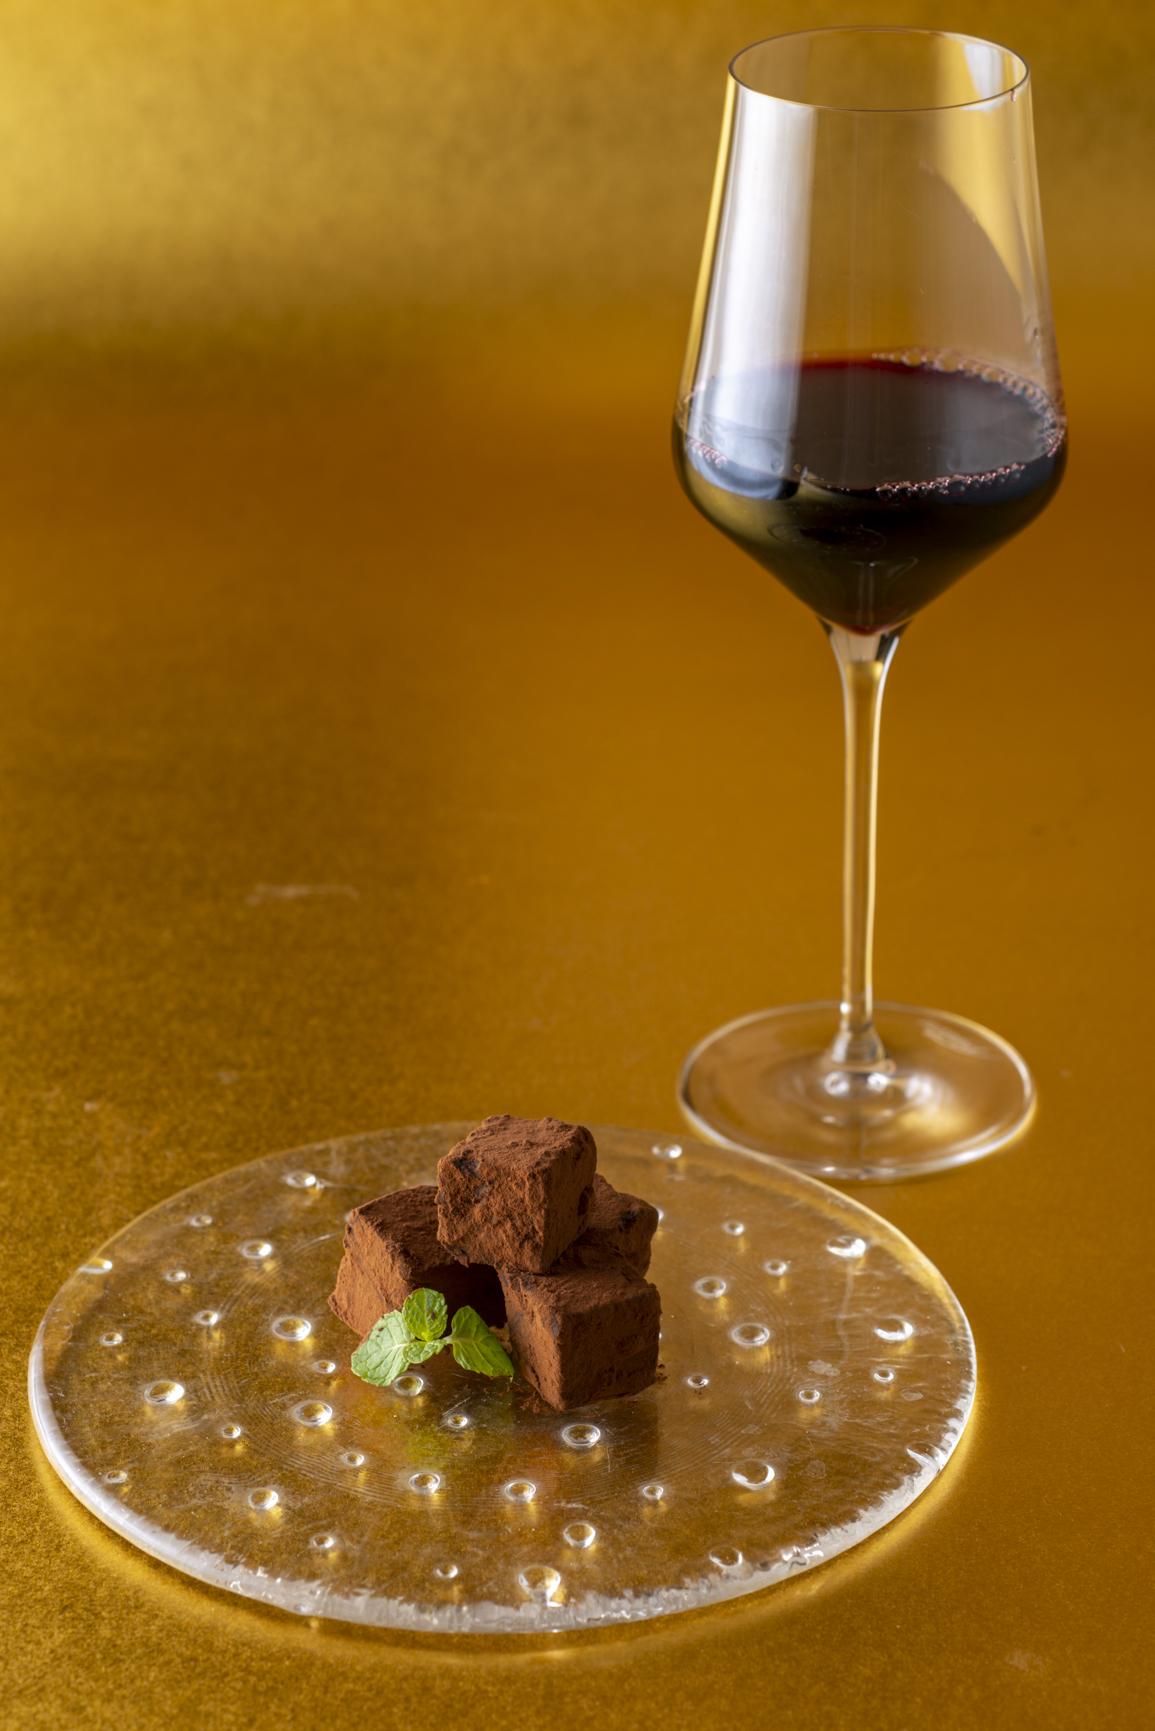 raw-chocolate-and-wine-pairing%e3%83%90%e3%83%bc%e3%83%ab-%e3%82%a2-%e3%83%b4%e3%82%a1%e3%83%b3-%e3%83%91%e3%83%ab%e3%82%bf%e3%83%bc%e3%82%b8%e3%82%a7-2